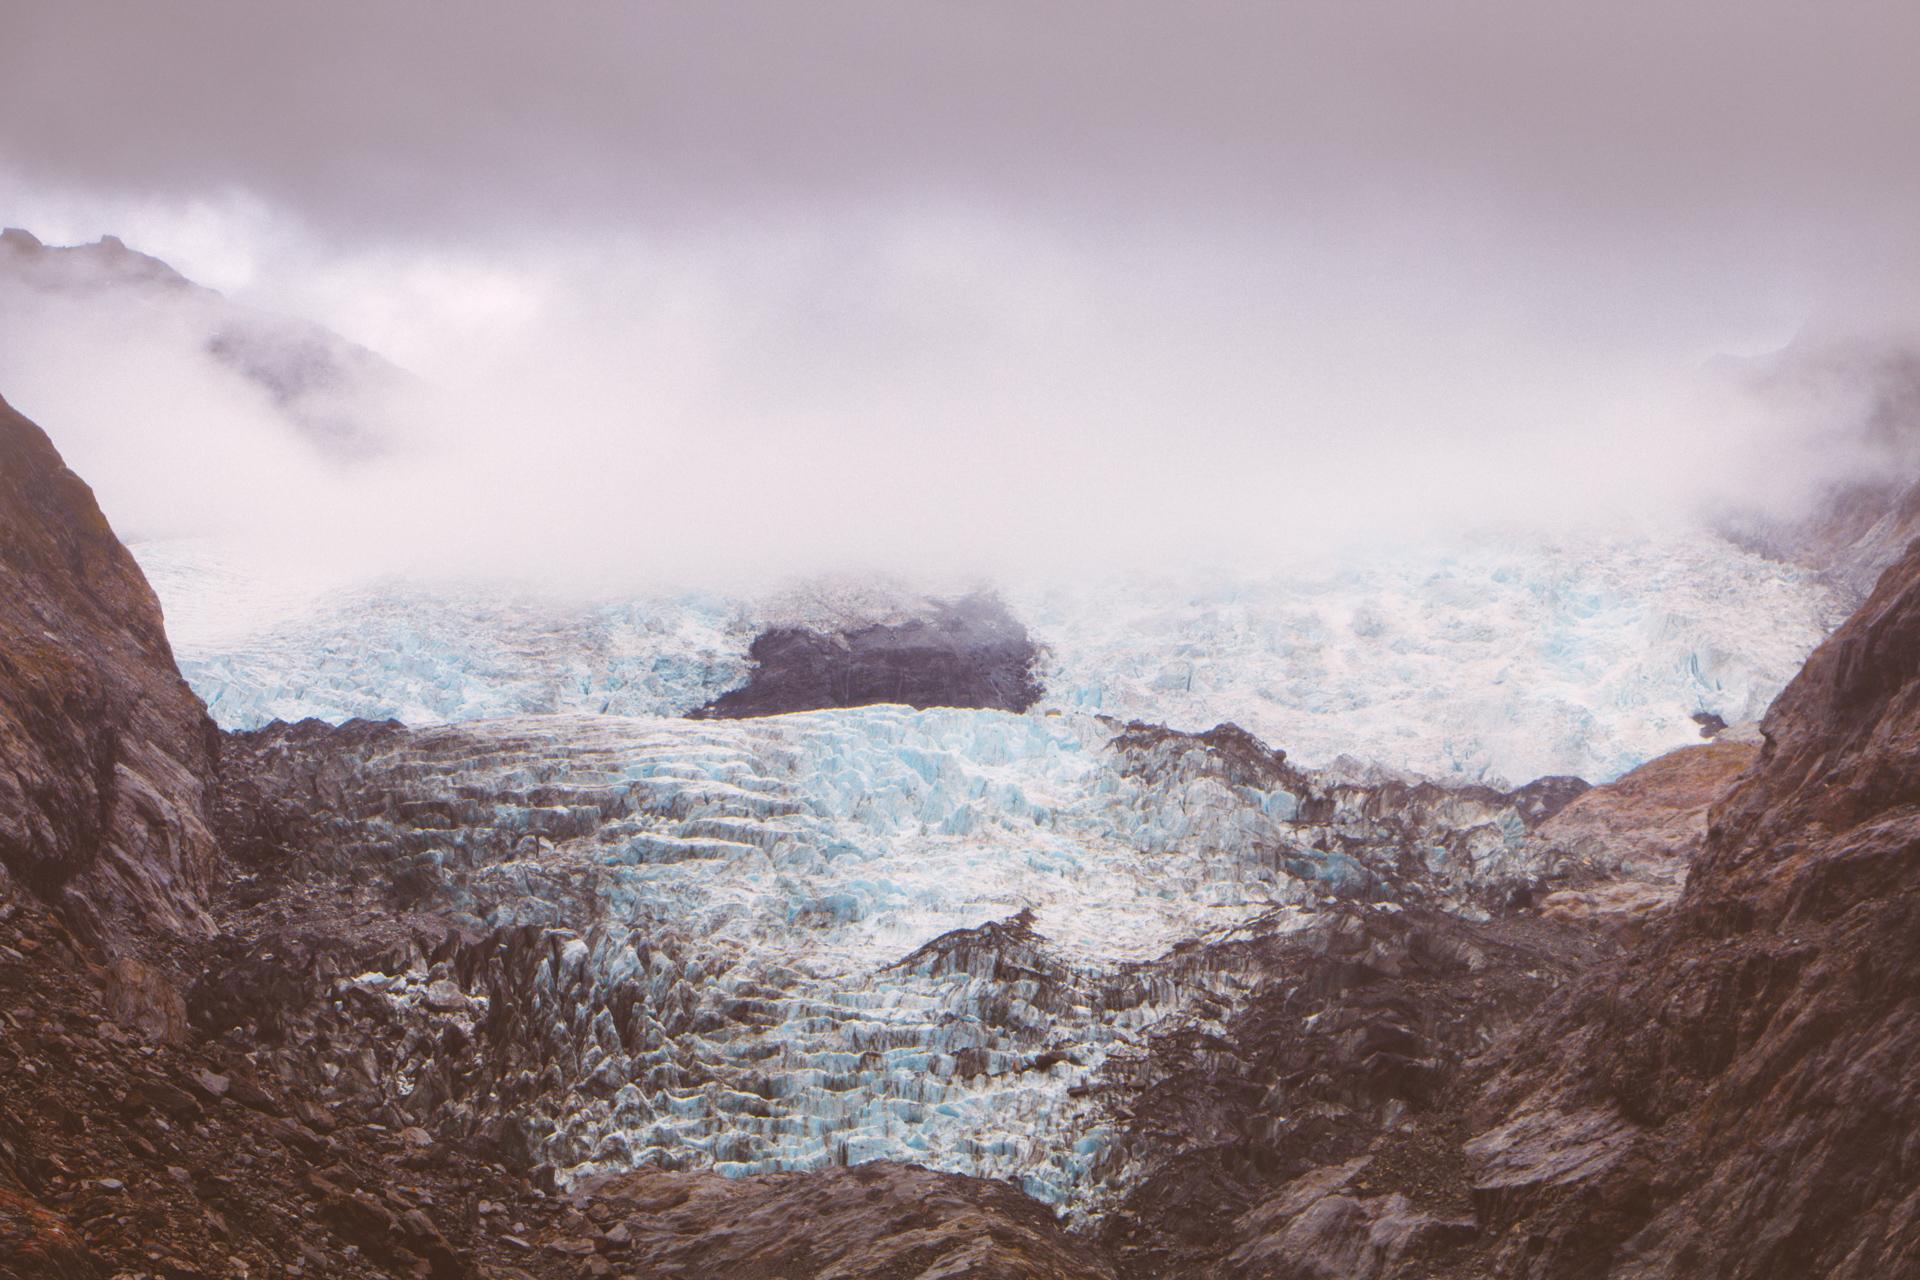 Franz Josfer Glacier